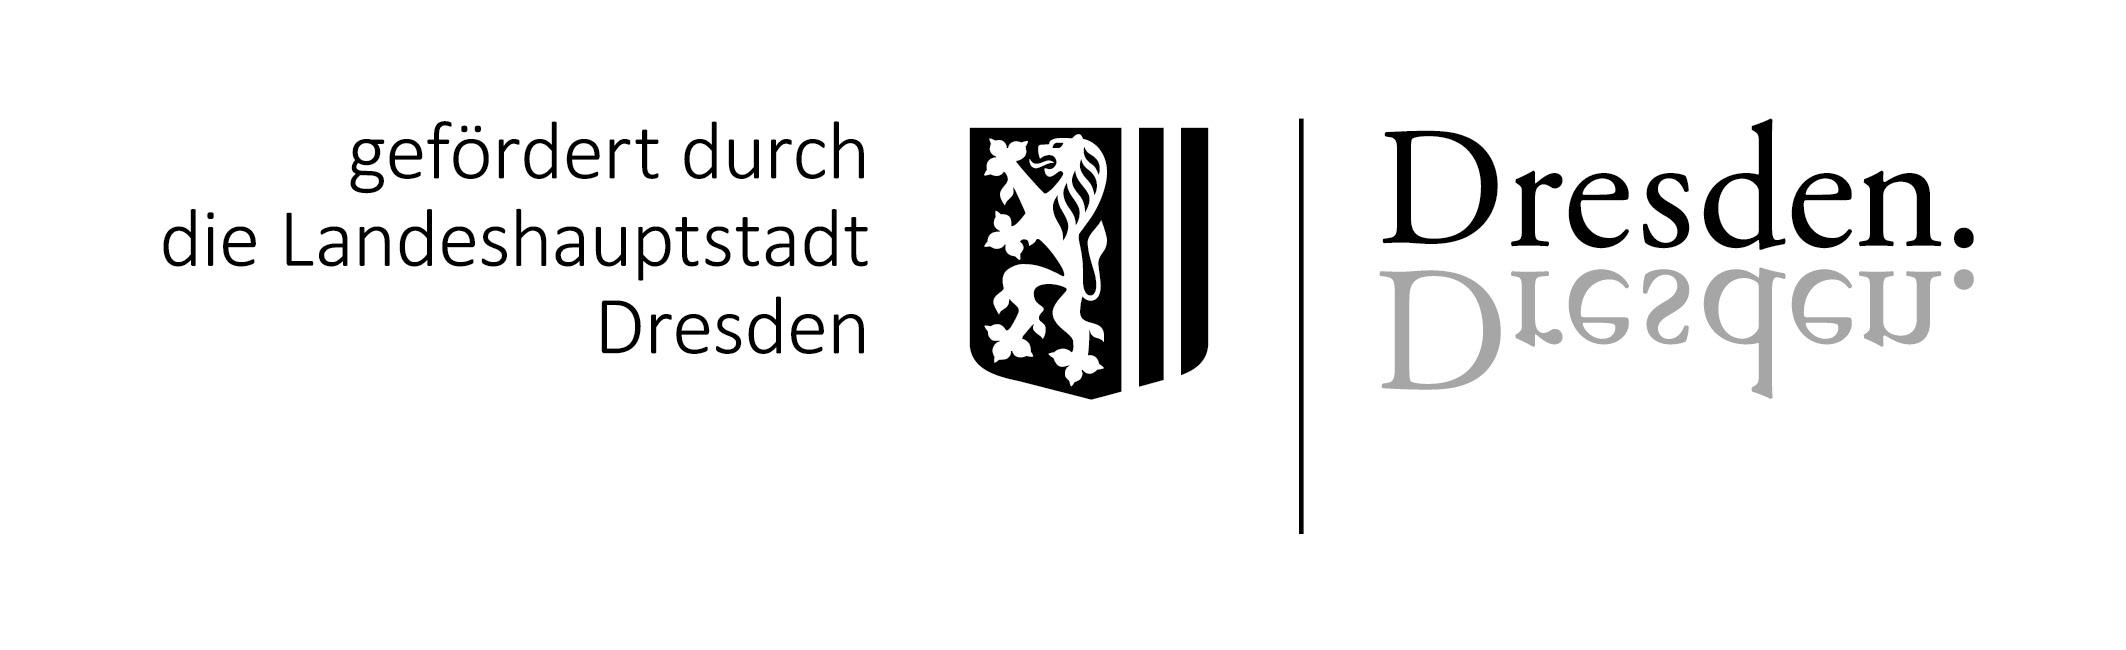 Stadtverwaltungslogo_2015_gefördert_LHD